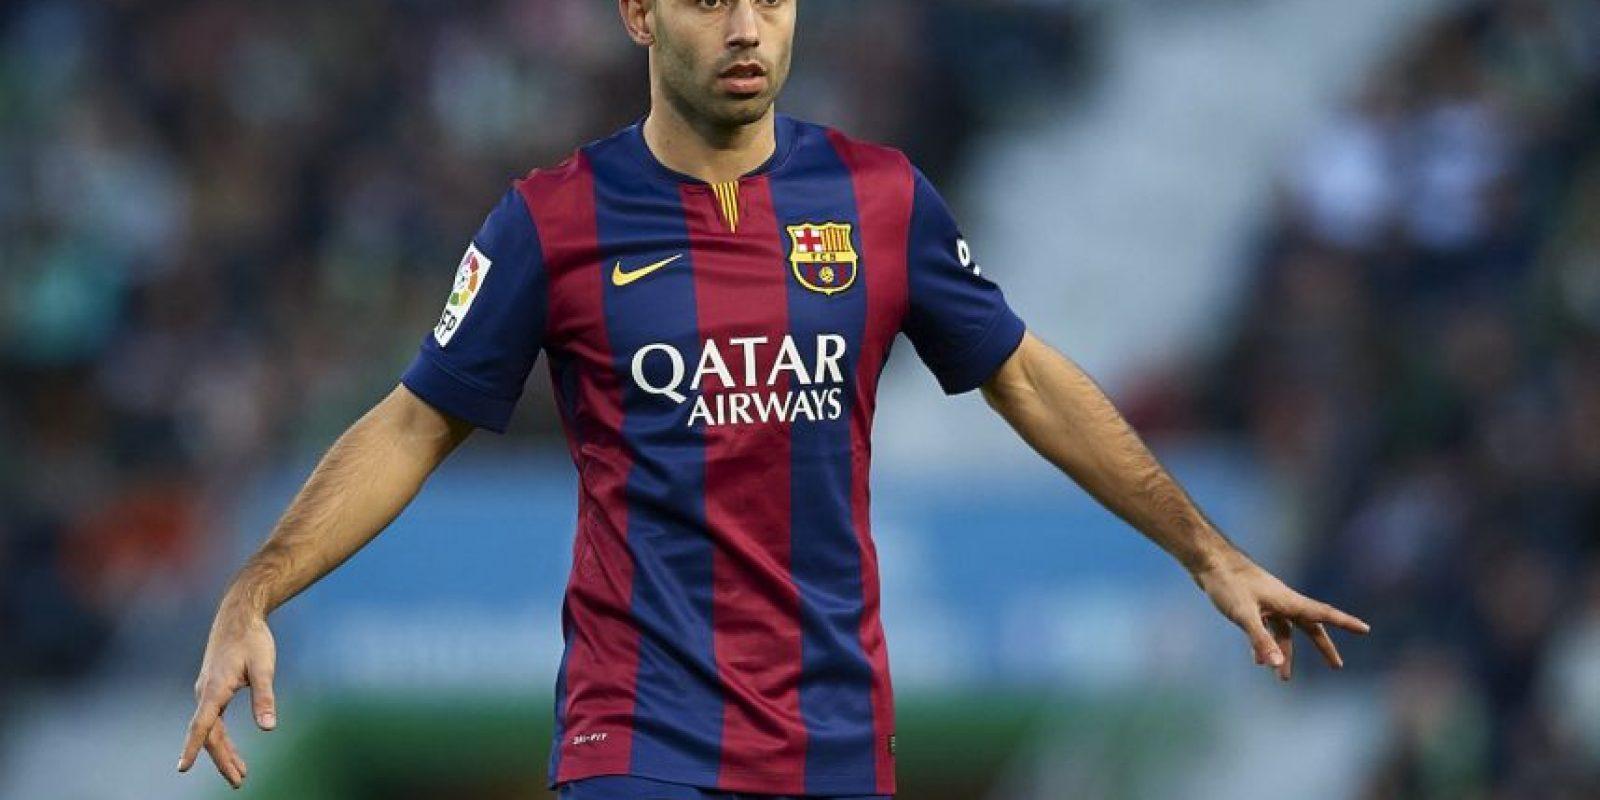 """El """"Jefecito"""" seguirá cumpliendo su papel como central en el Barcelona que no desea dejar de conseguir títulos. Foto:Getty Images"""